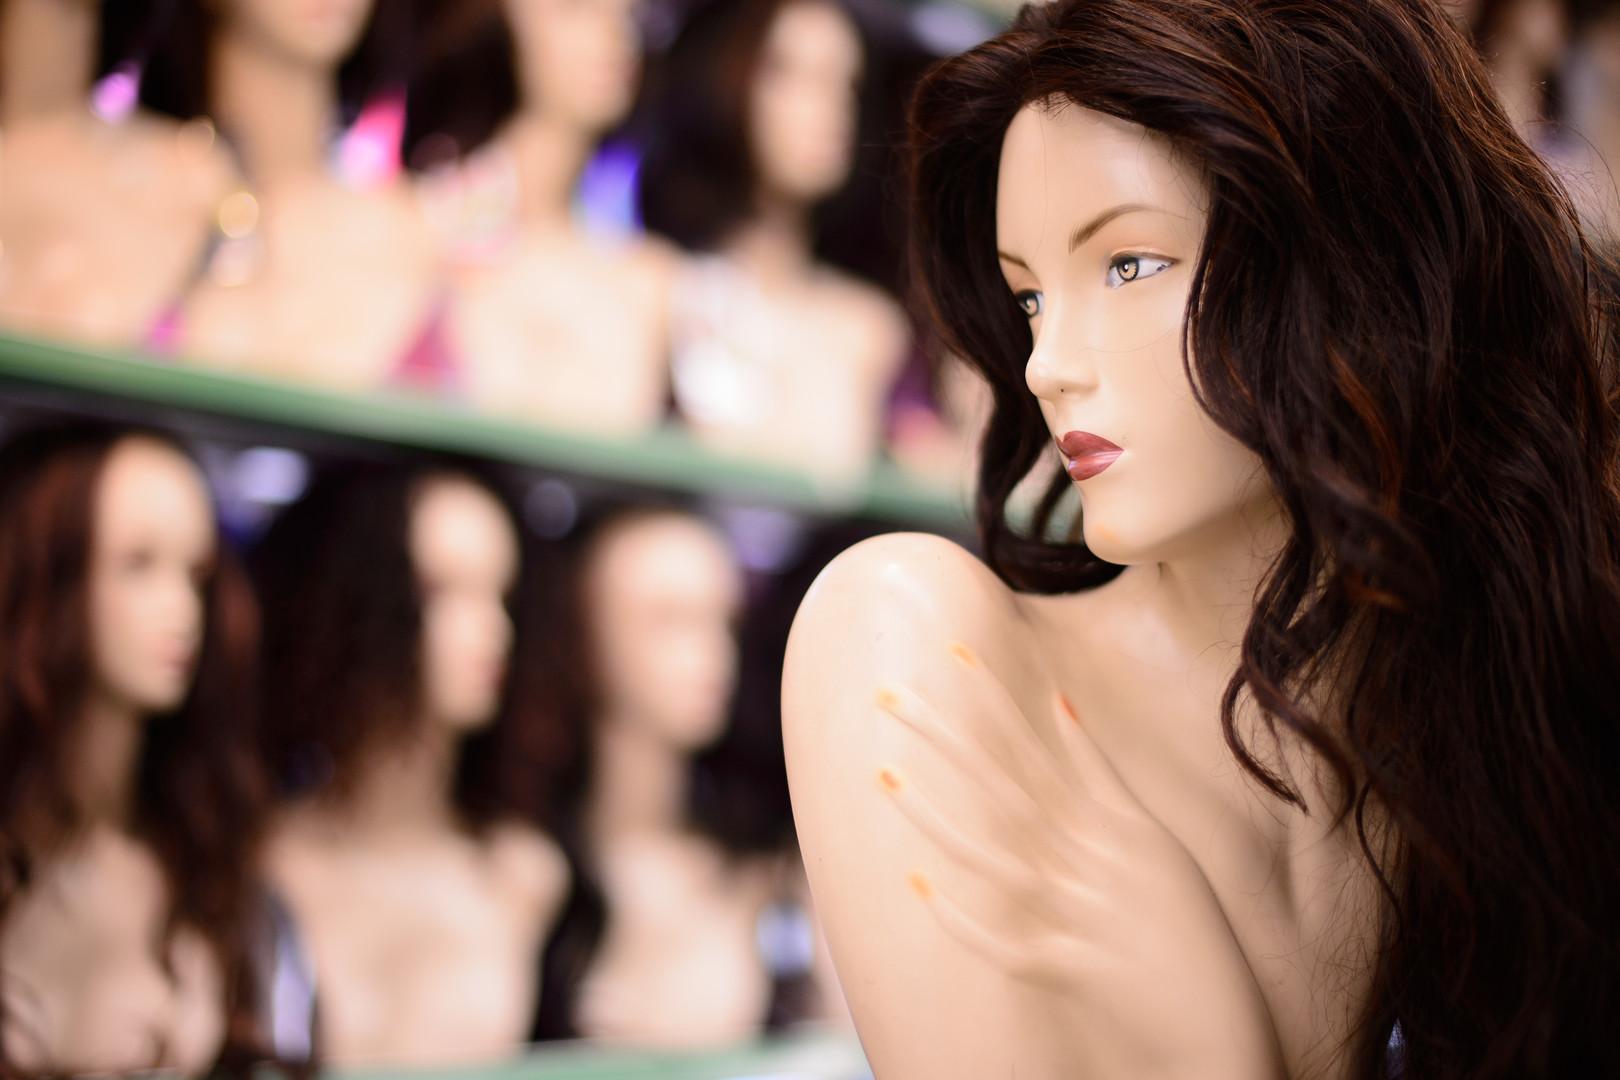 По стойке смирно: мир захватывает Mannequin Challenge